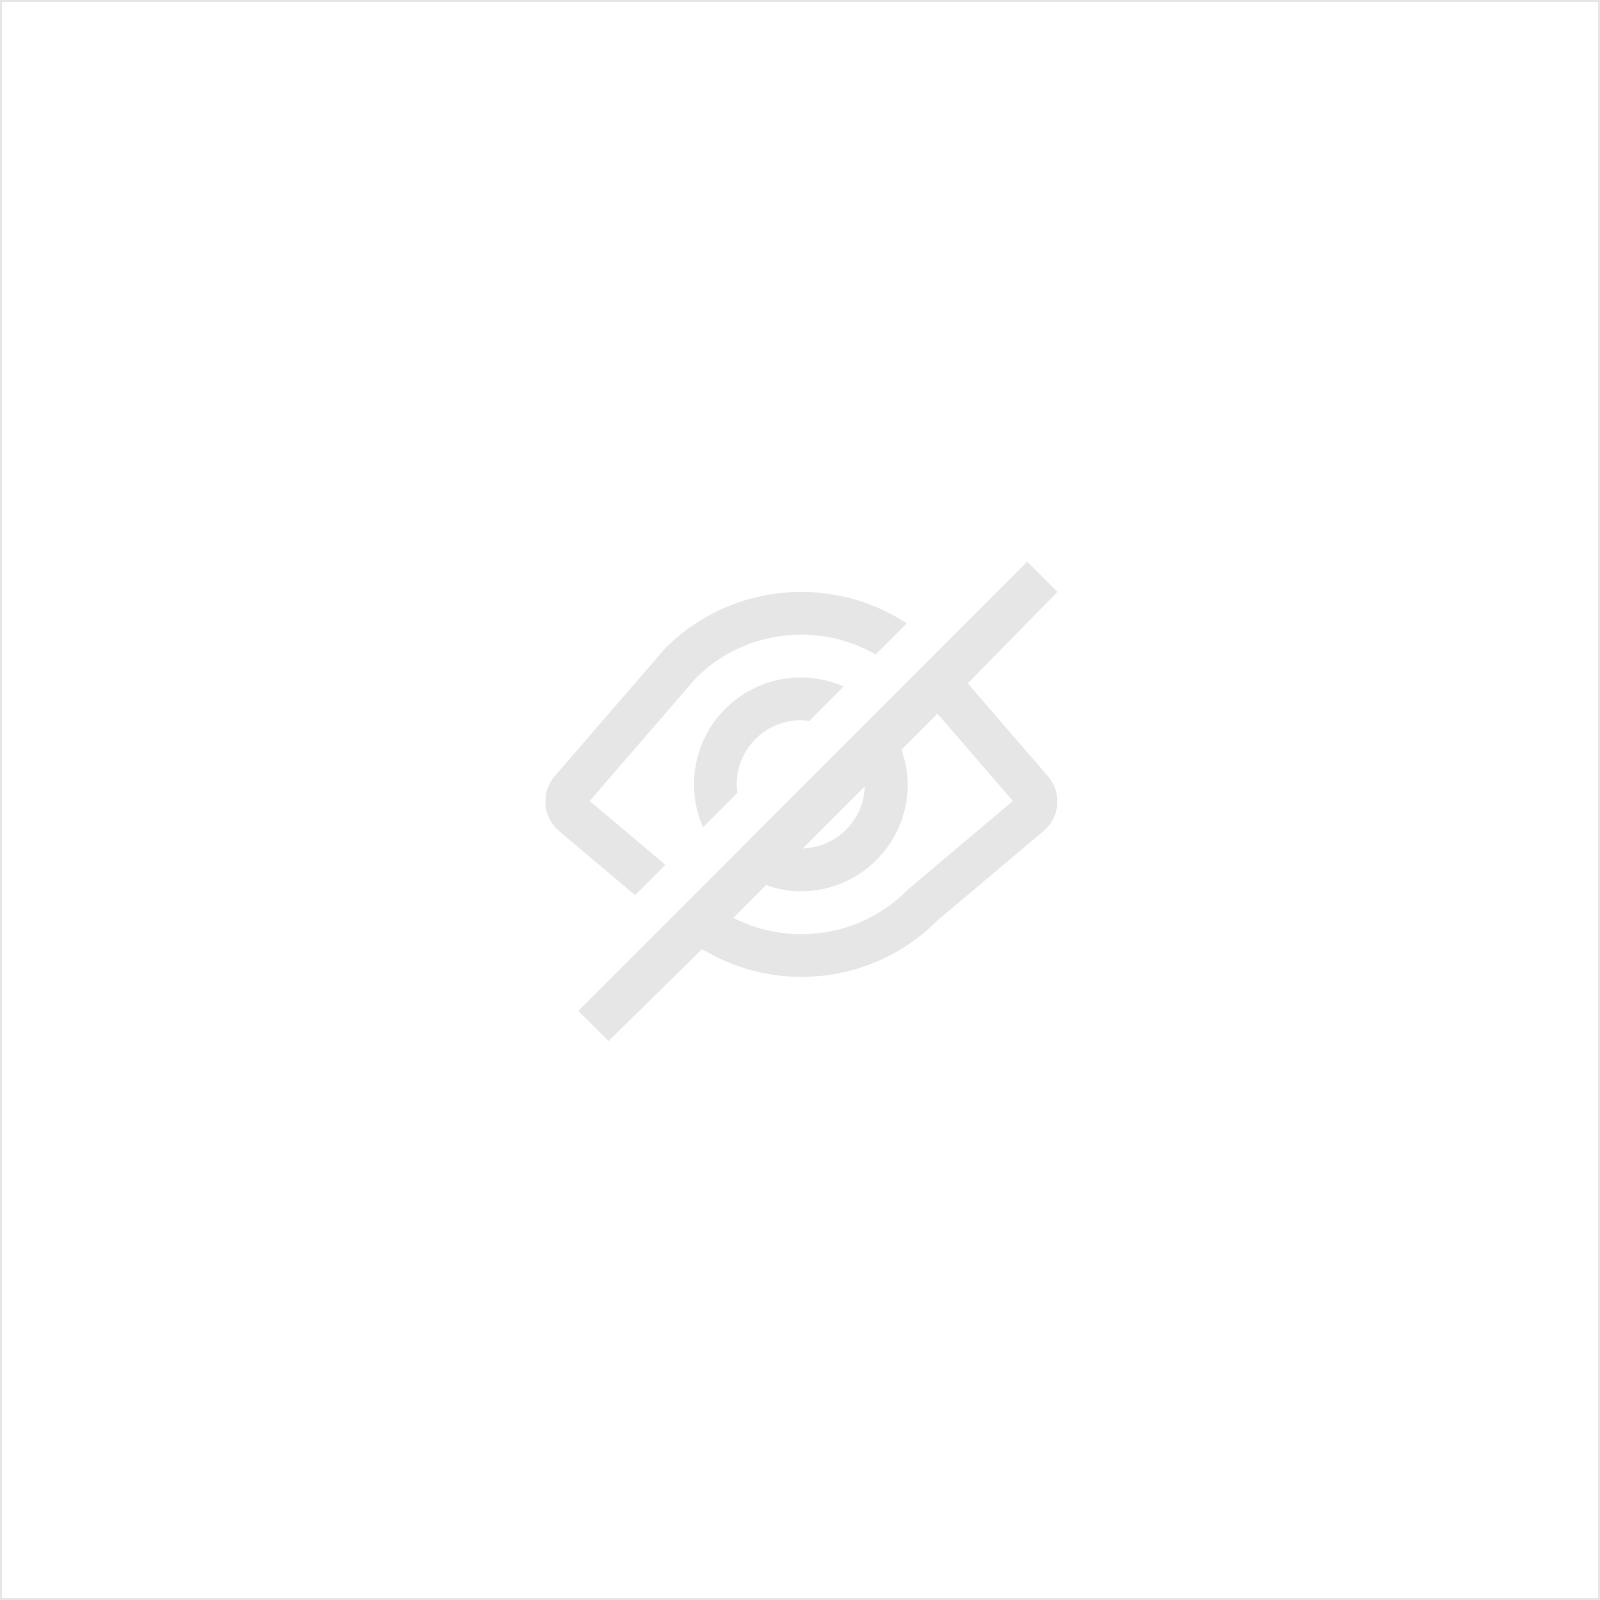 OPTIONEEL LOUVER ROLL SET VOOR BOORD EN LIJSTMACHINE